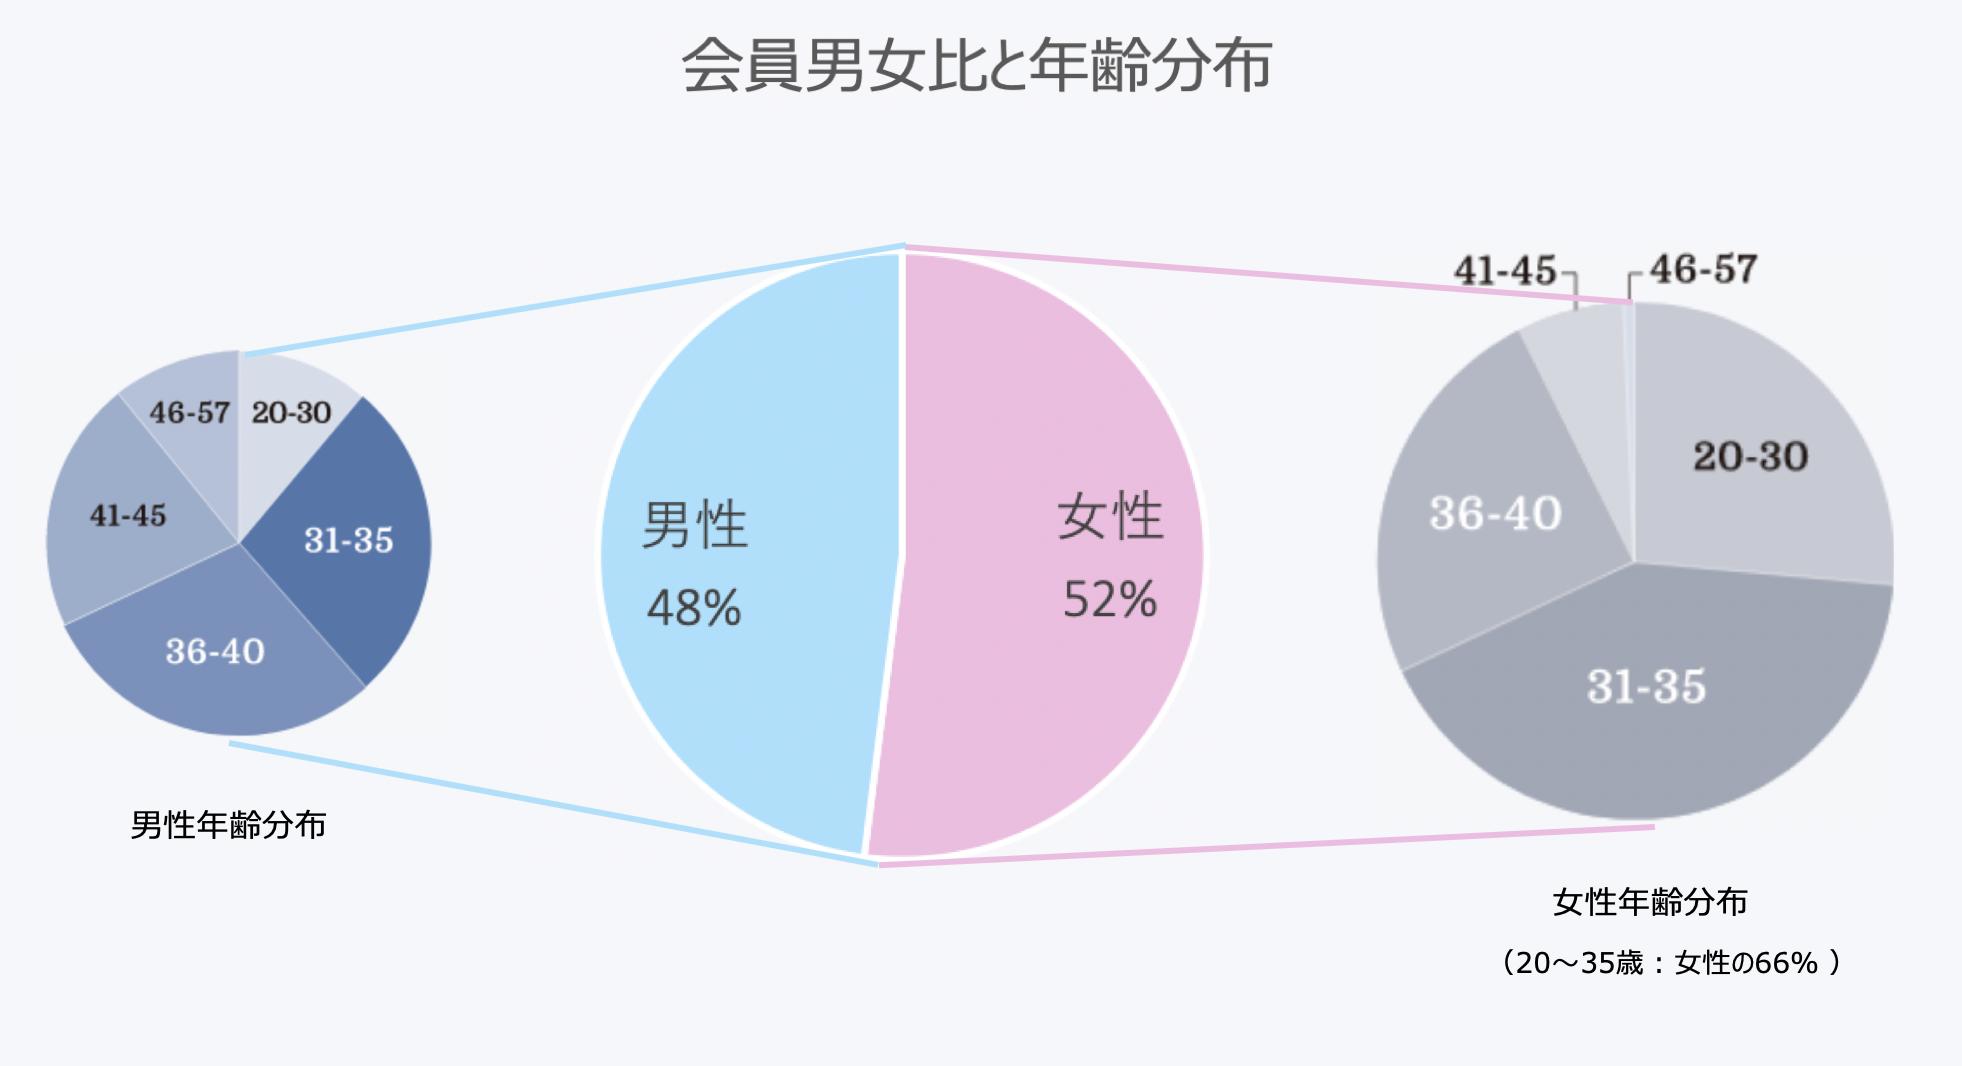 ゼクシィ縁結びの男女比、年齢分布表